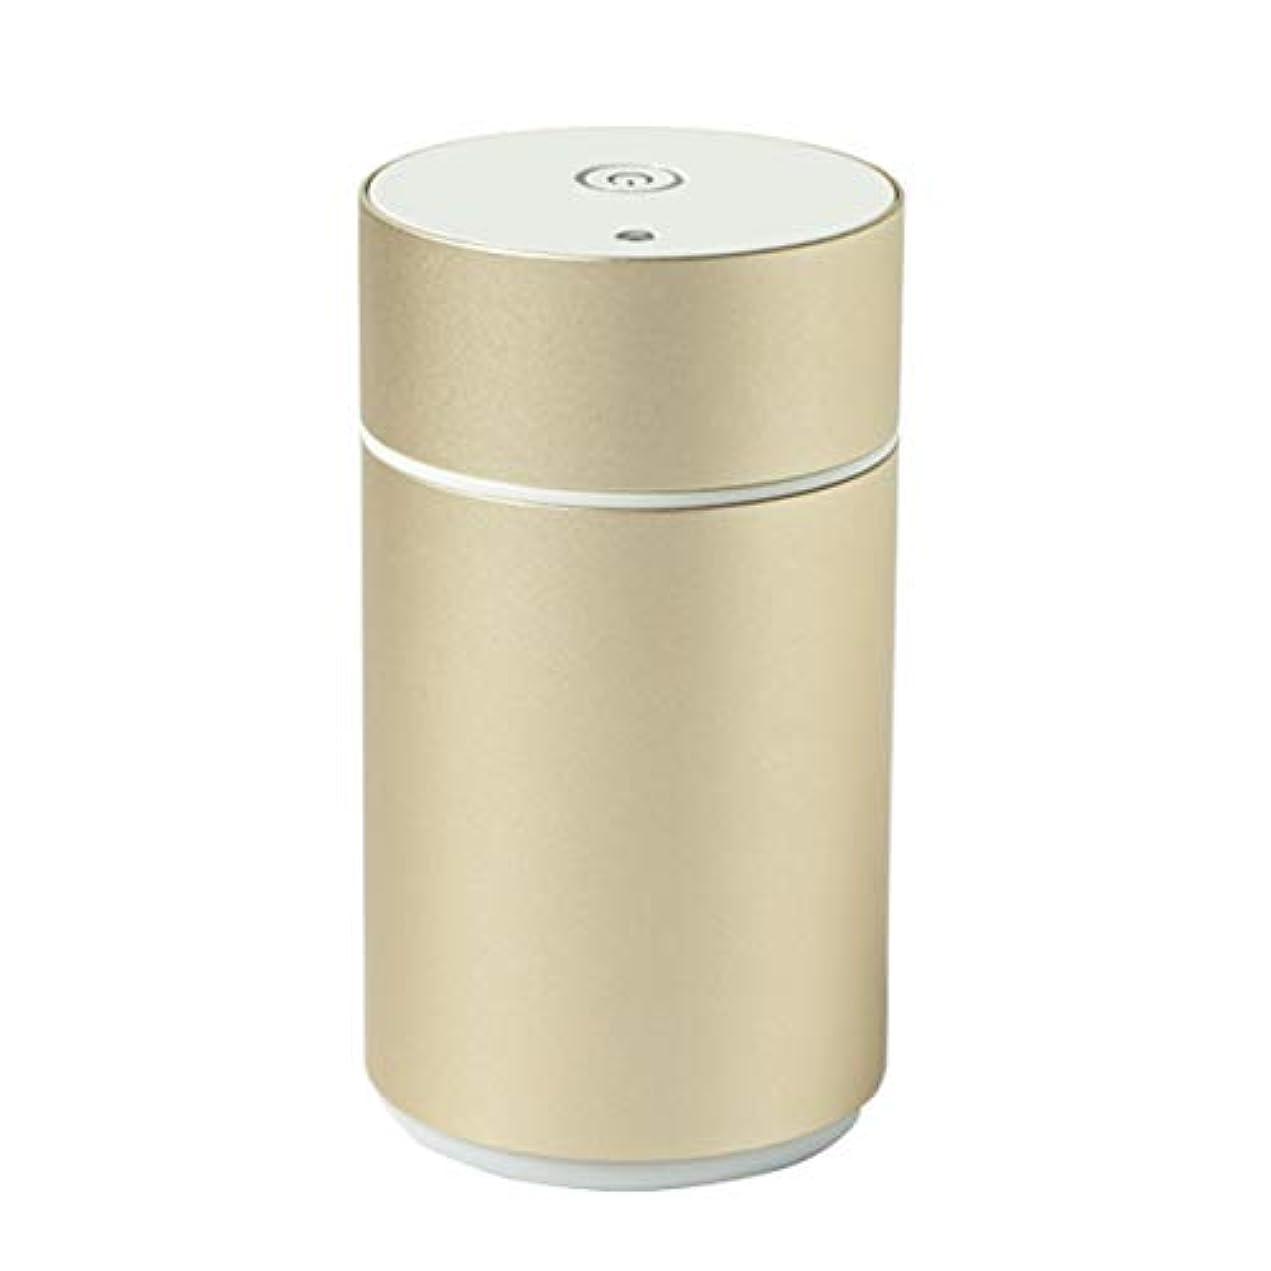 ピラミッド藤色町生活の木 アロモア ミニ ゴールド (aromore mini gold) (エッセンシャルオイルディフューザー) (圧縮微粒子式アロマディフューザー)